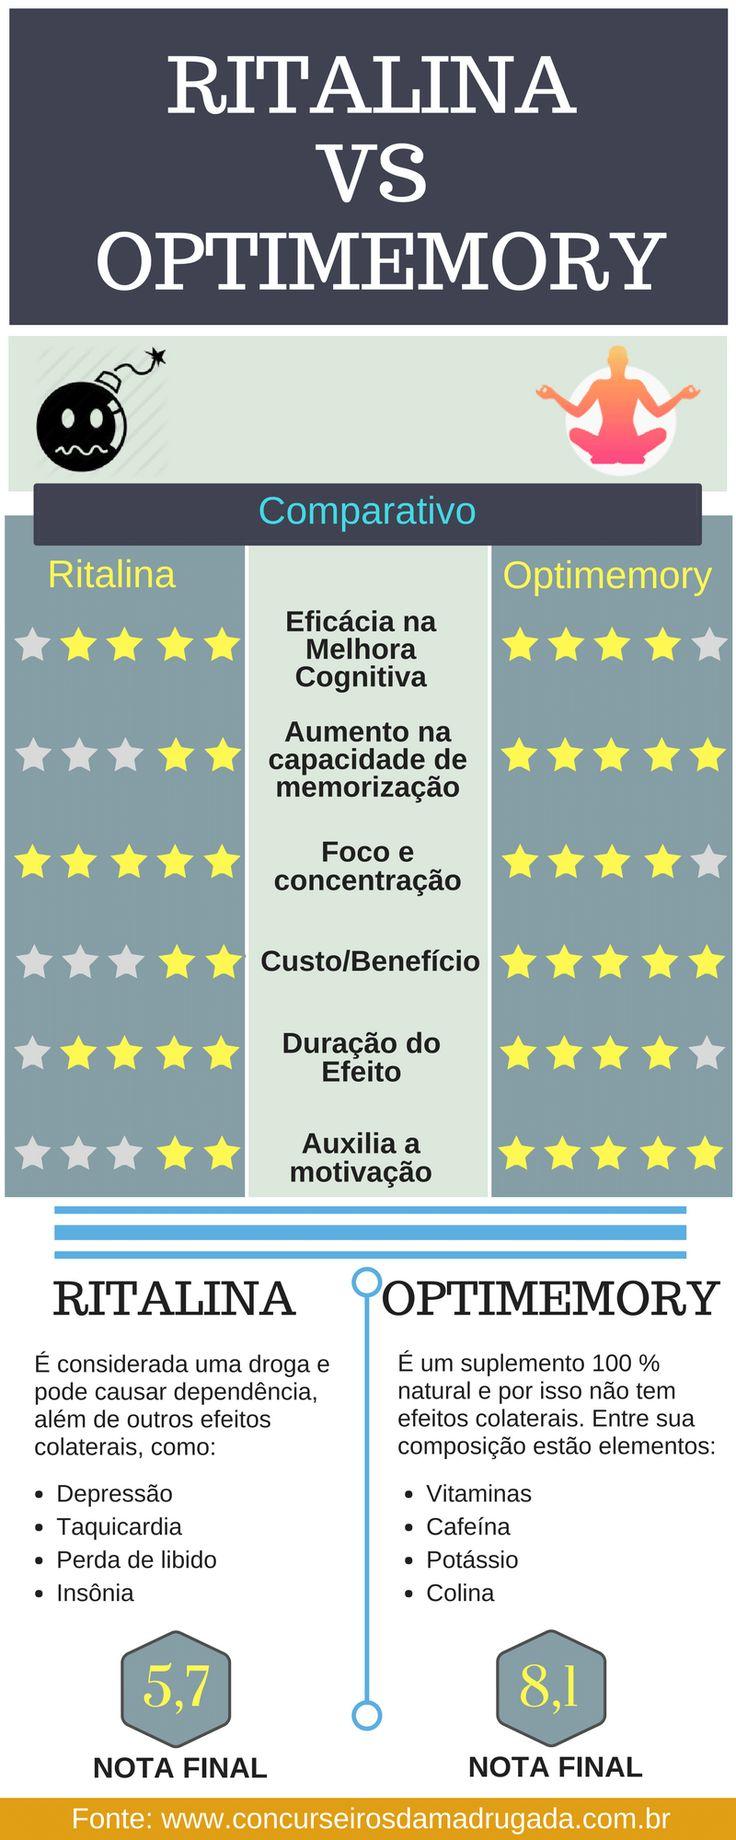 Boa comparação entre Ritalina e Optimemory